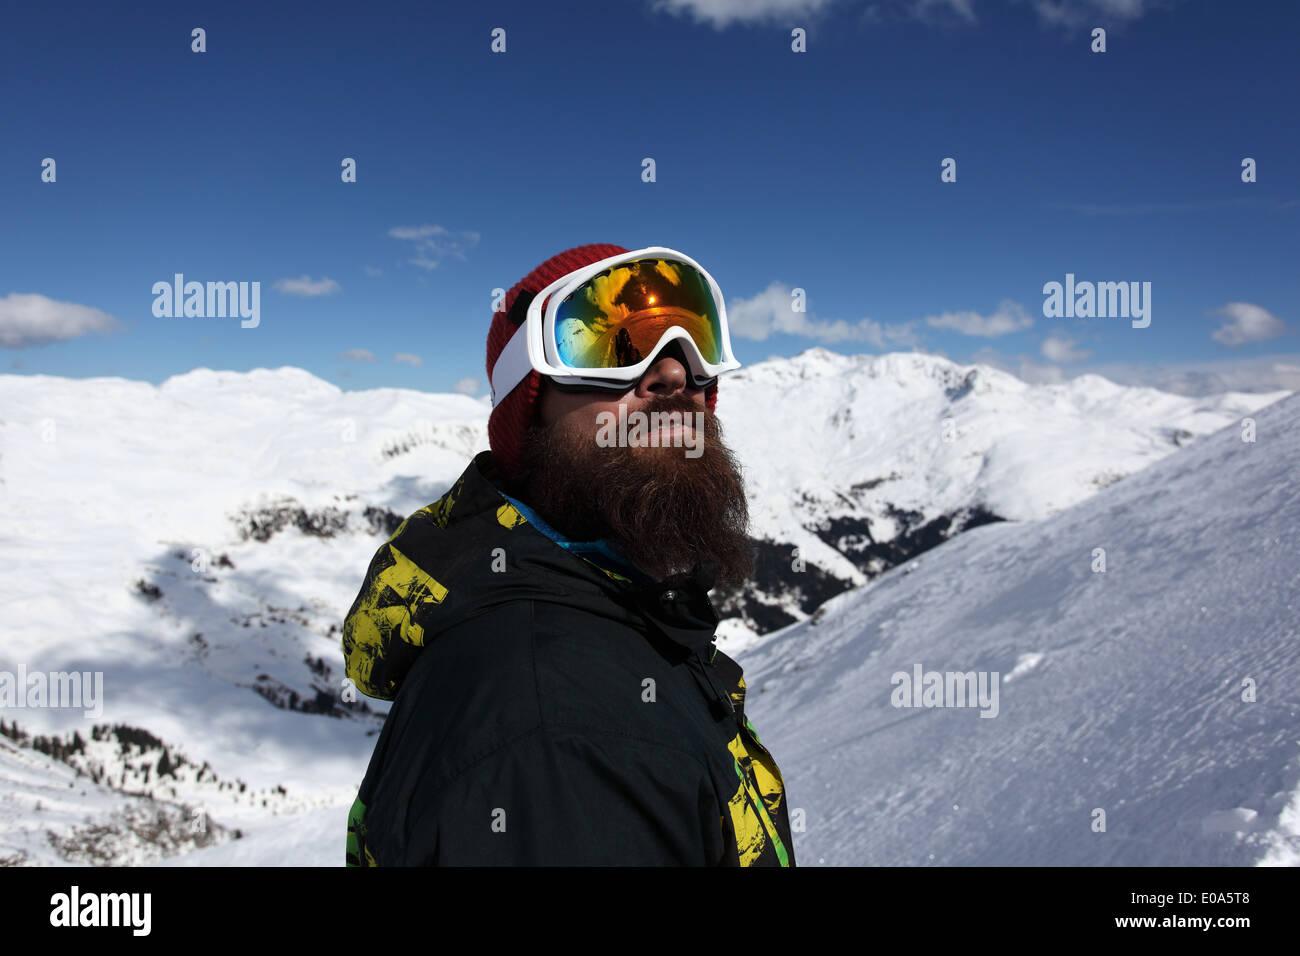 Metà uomo adulto sciatore cercando fino alla montagna, Mayrhofen, Tirolo, Austria Immagini Stock